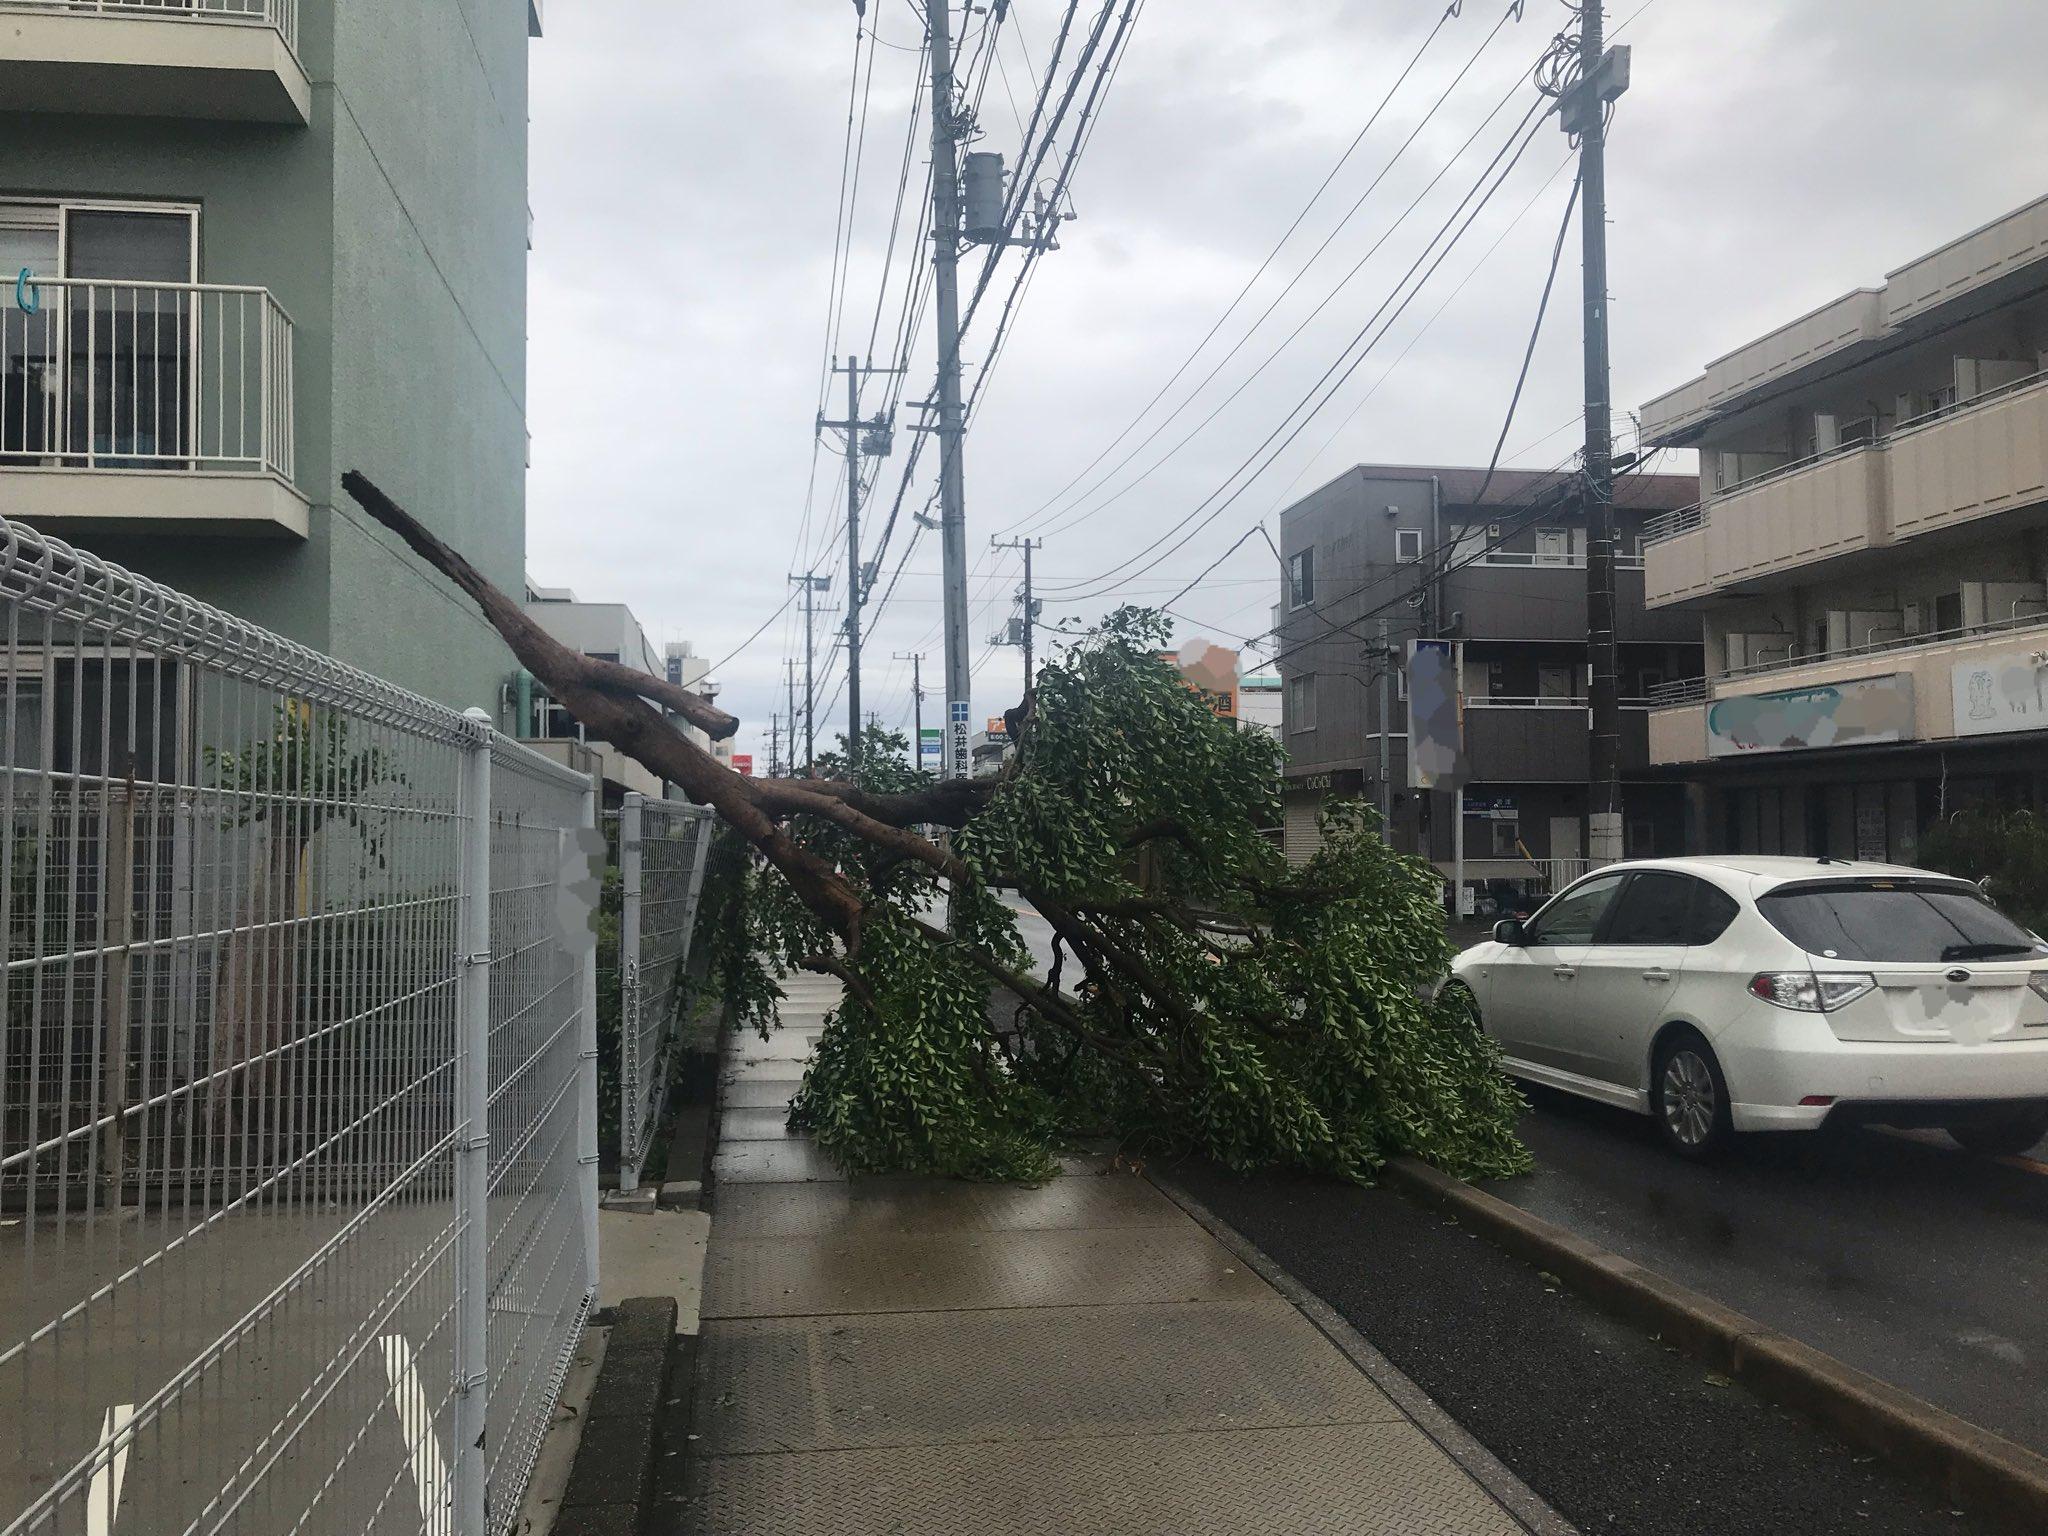 画像,個人的には台風の被害はありませんでしたが、通勤途中にもいろんなものが風で飛ばされてたり倒木があったりしてましたね。まだまだ横風も強いのでみんな気をつけてね。 h…